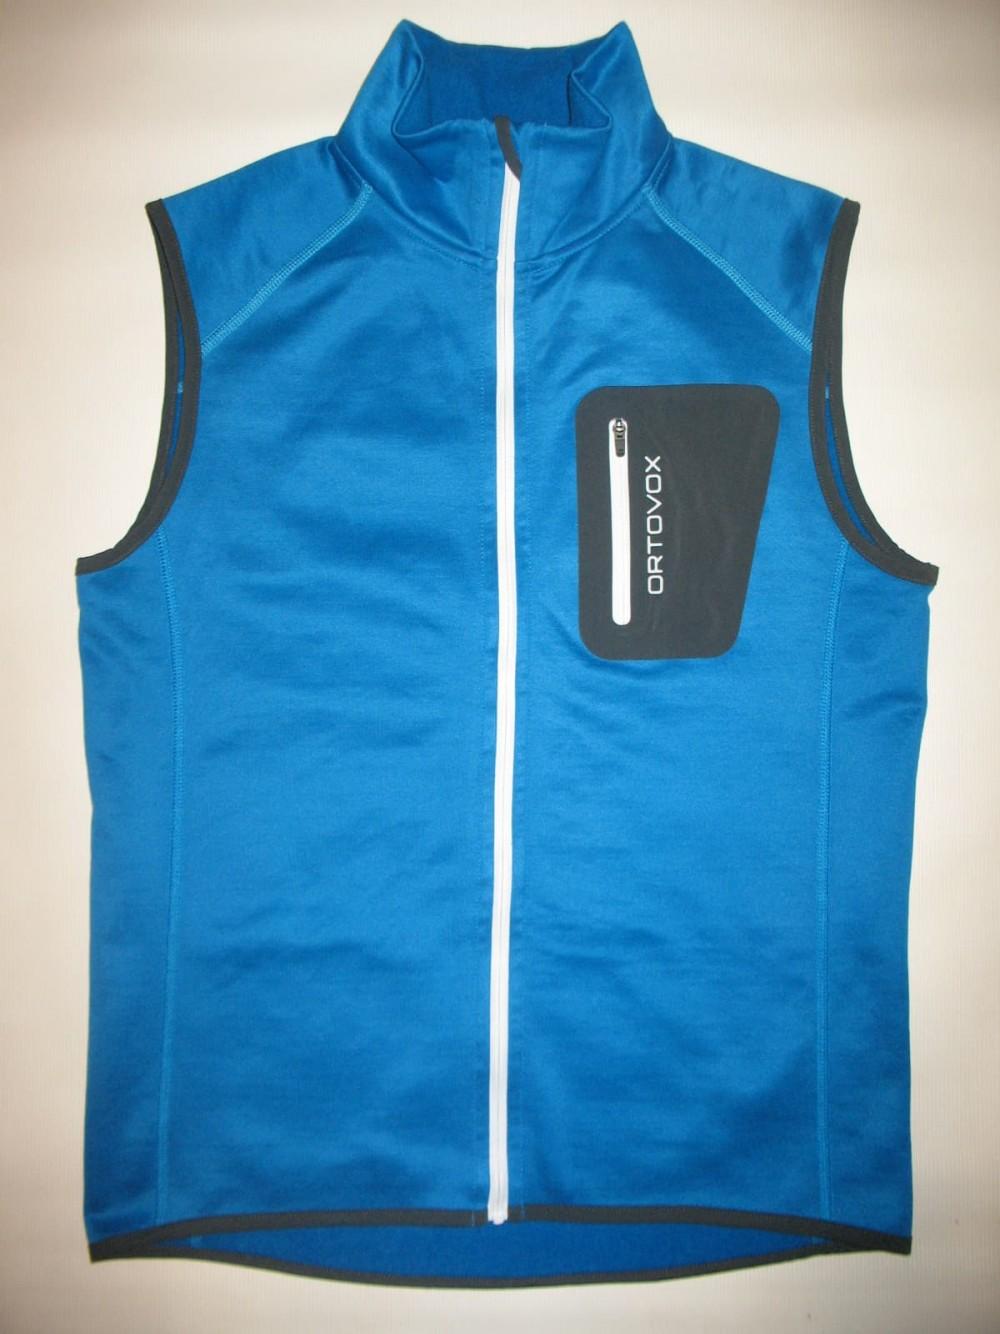 Жилет ORTOVOX merino fleece vest (размер S) - 2